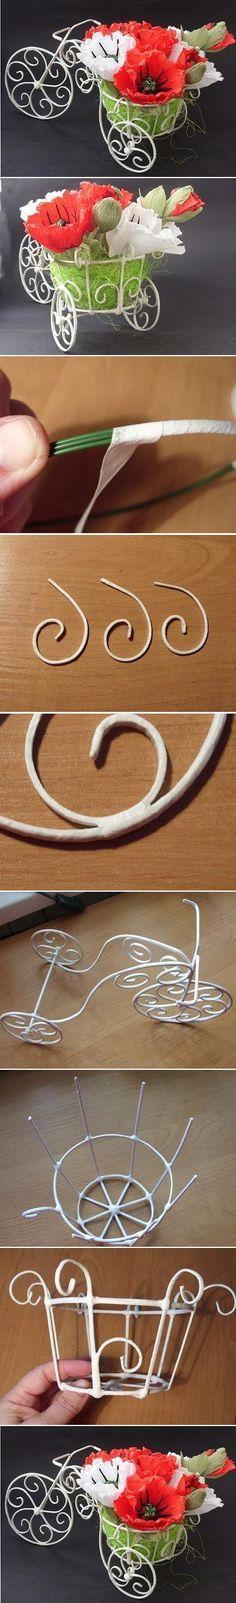 DIY Bici machetero flor blanco alambre